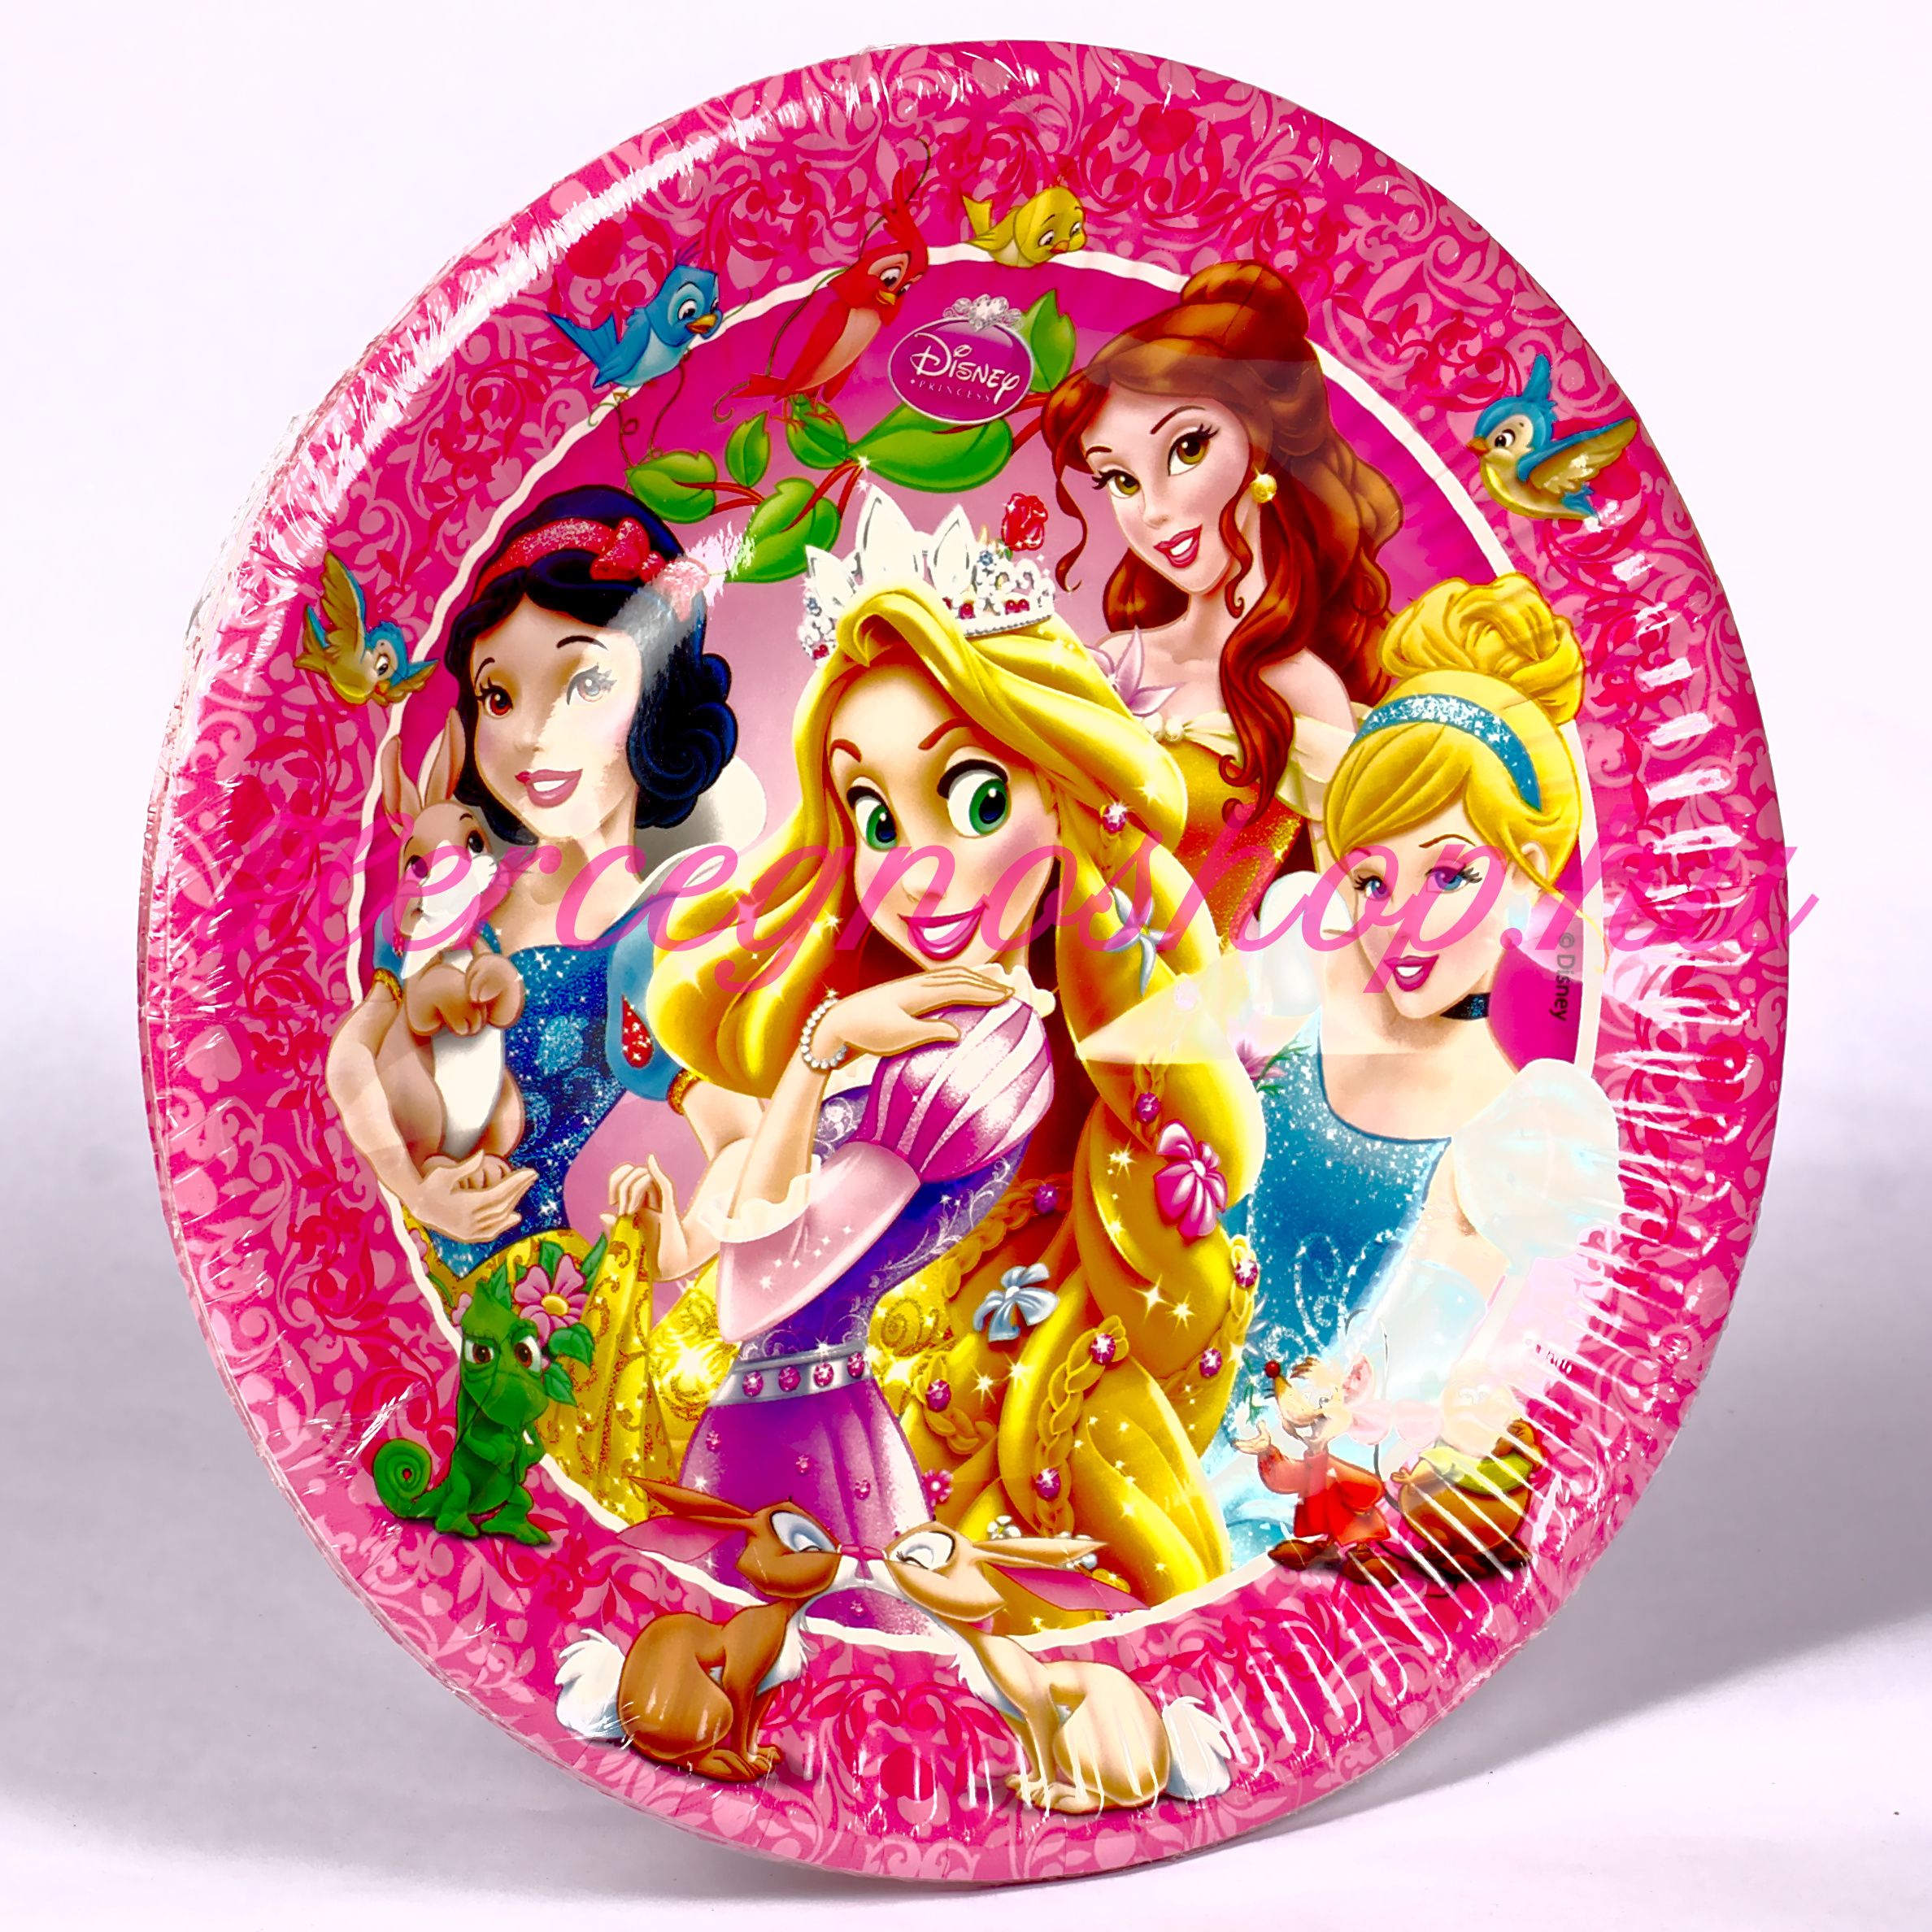 Disney hercegnők papírtányér (Diseny Princess)